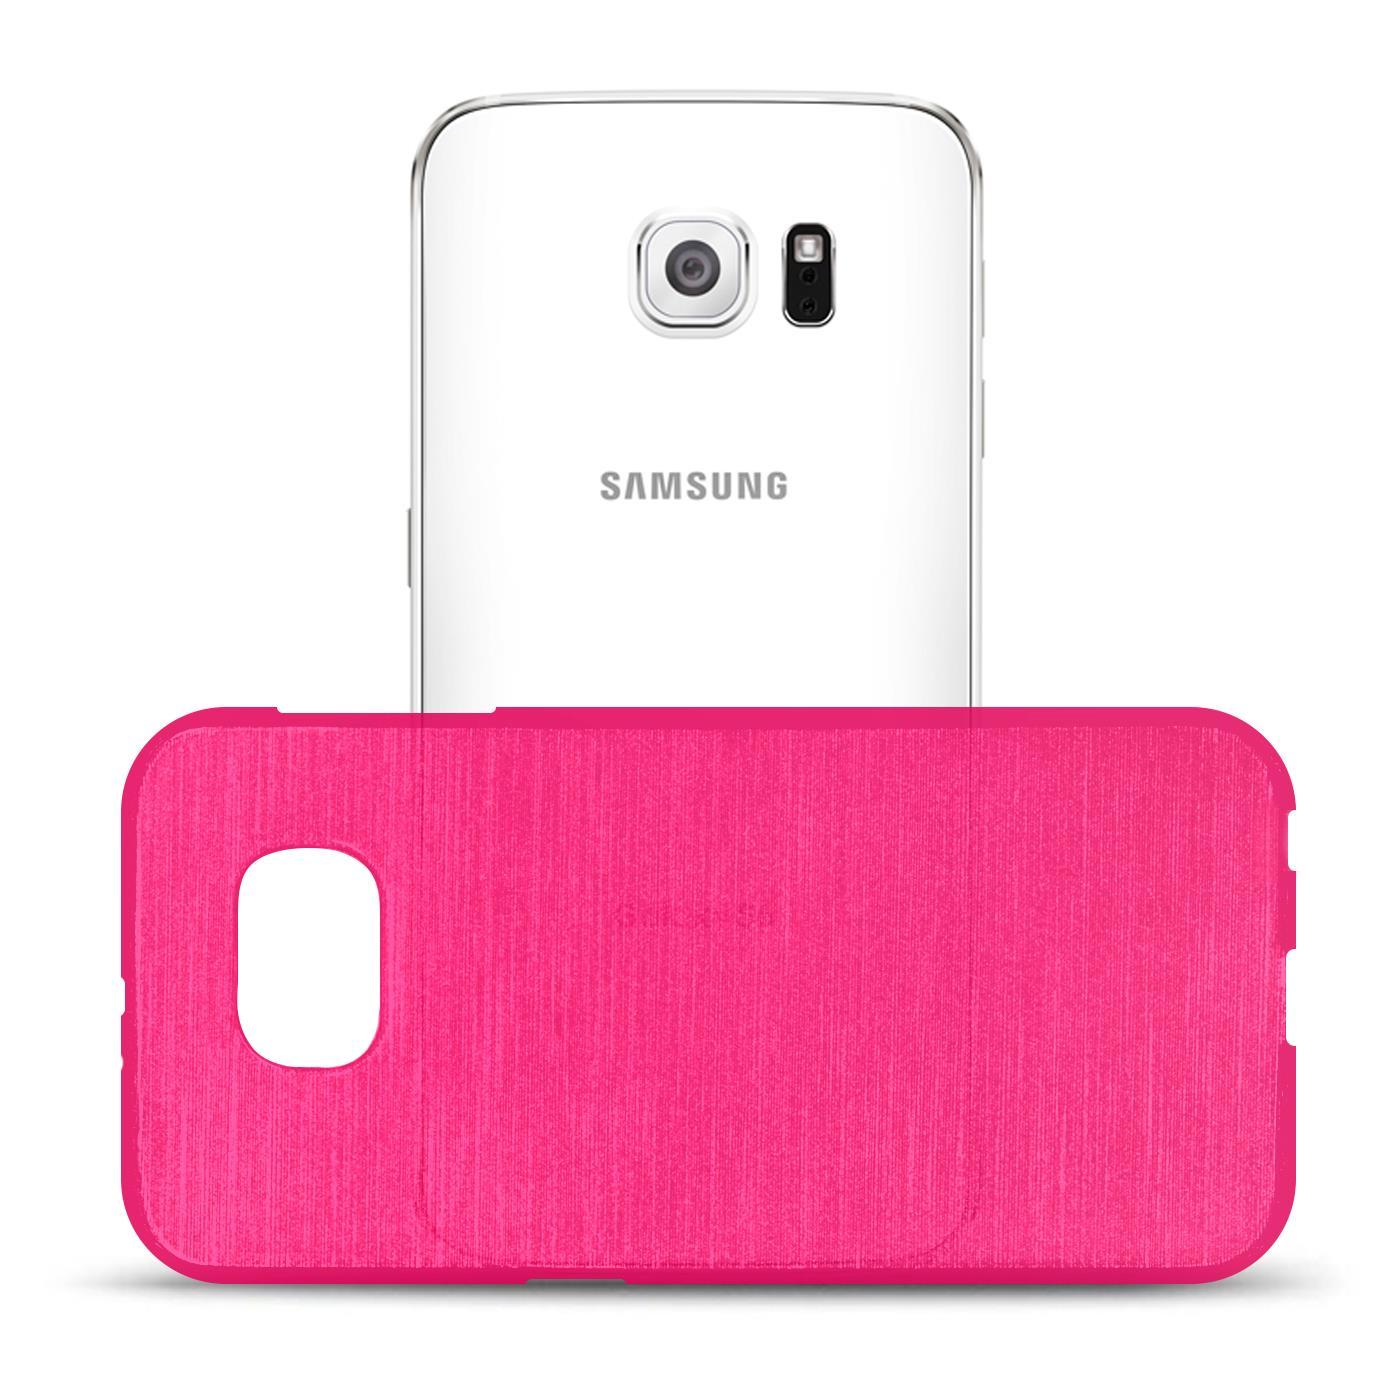 Silikon-Bumper-Case-fuer-Samsung-Galaxy-s6-duenne-ultra-slim-Stossfeste-Rueckschale Indexbild 32